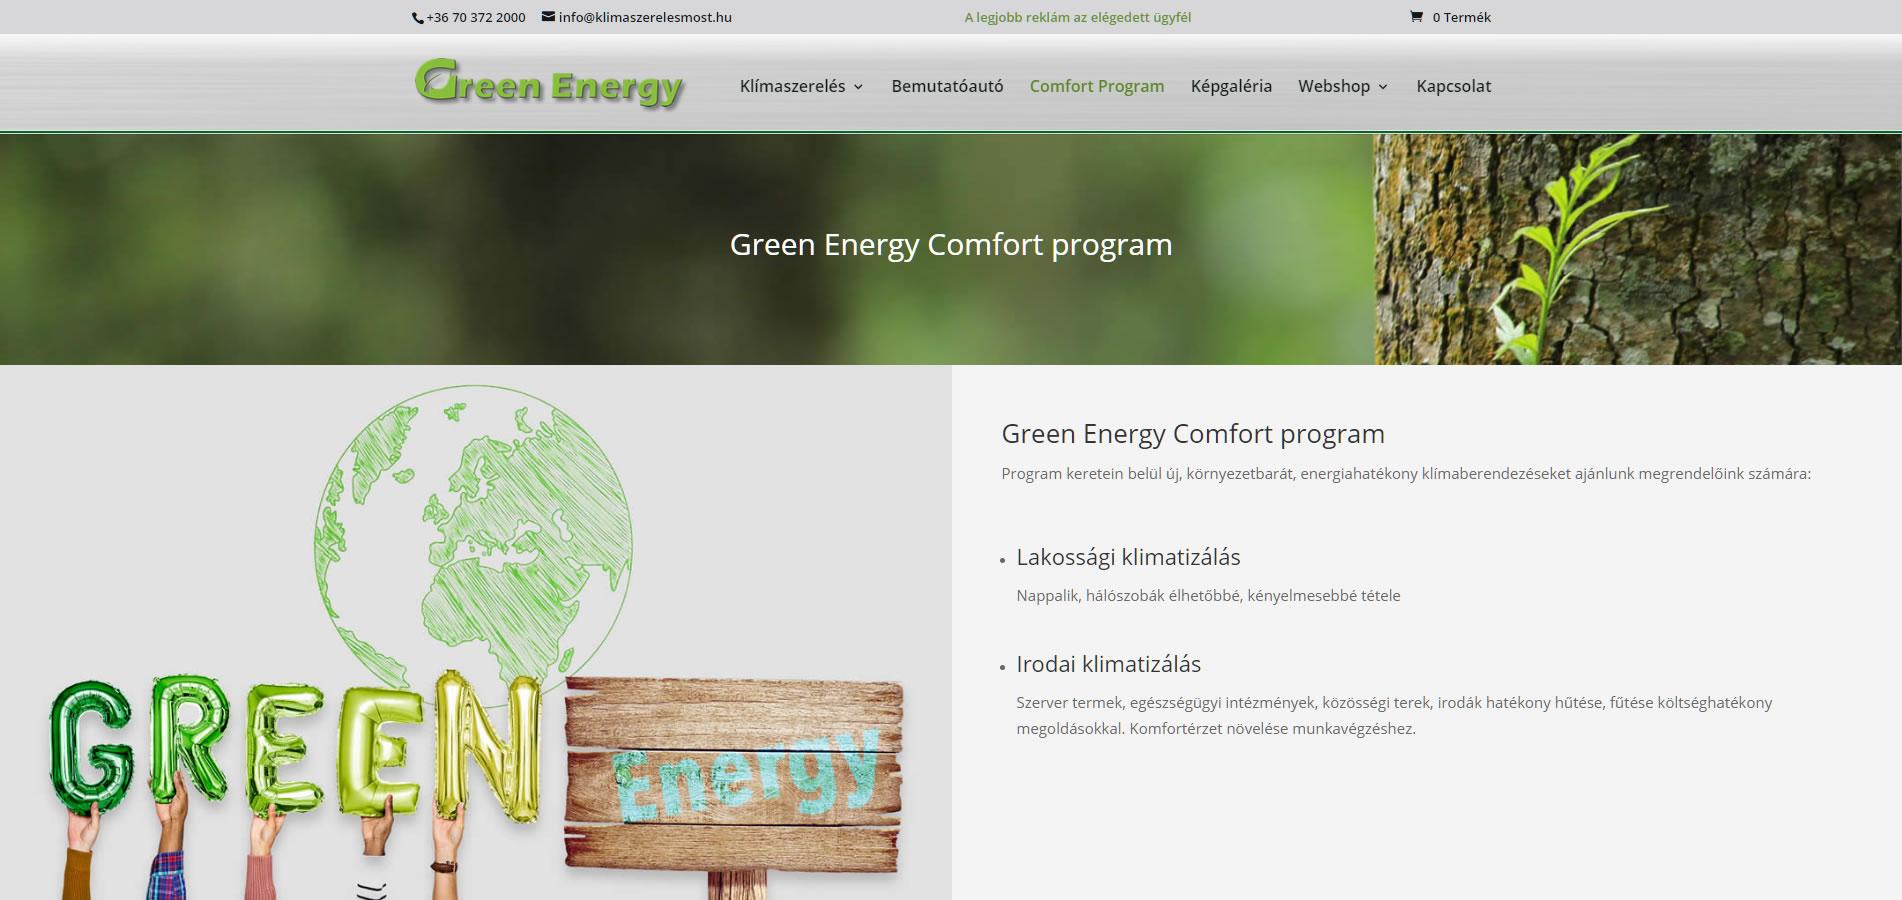 klímaszerelés comfort program